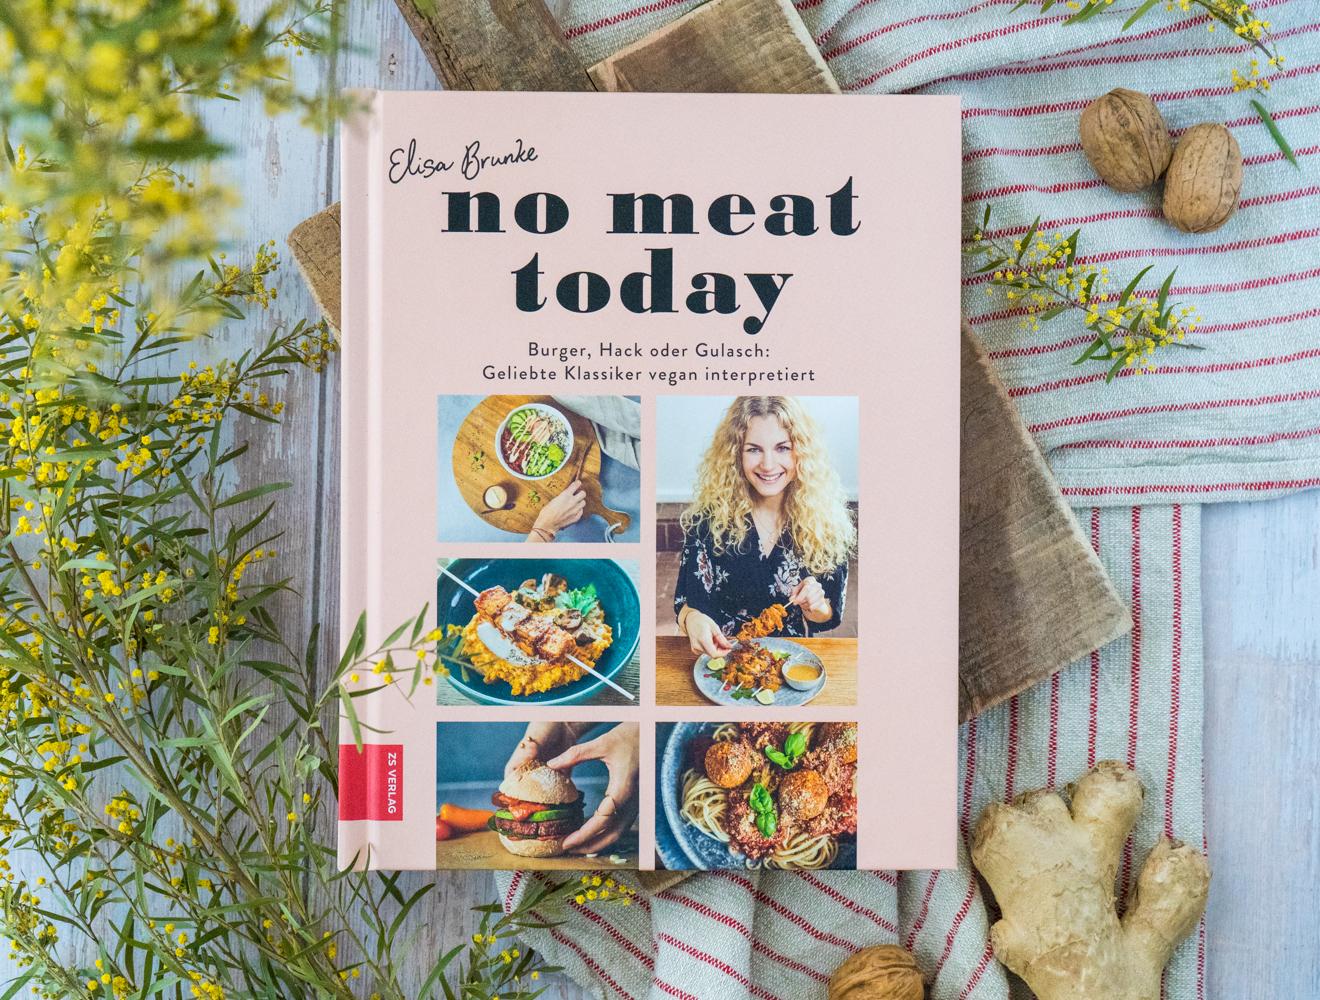 Elisa Brunke no meat today-2